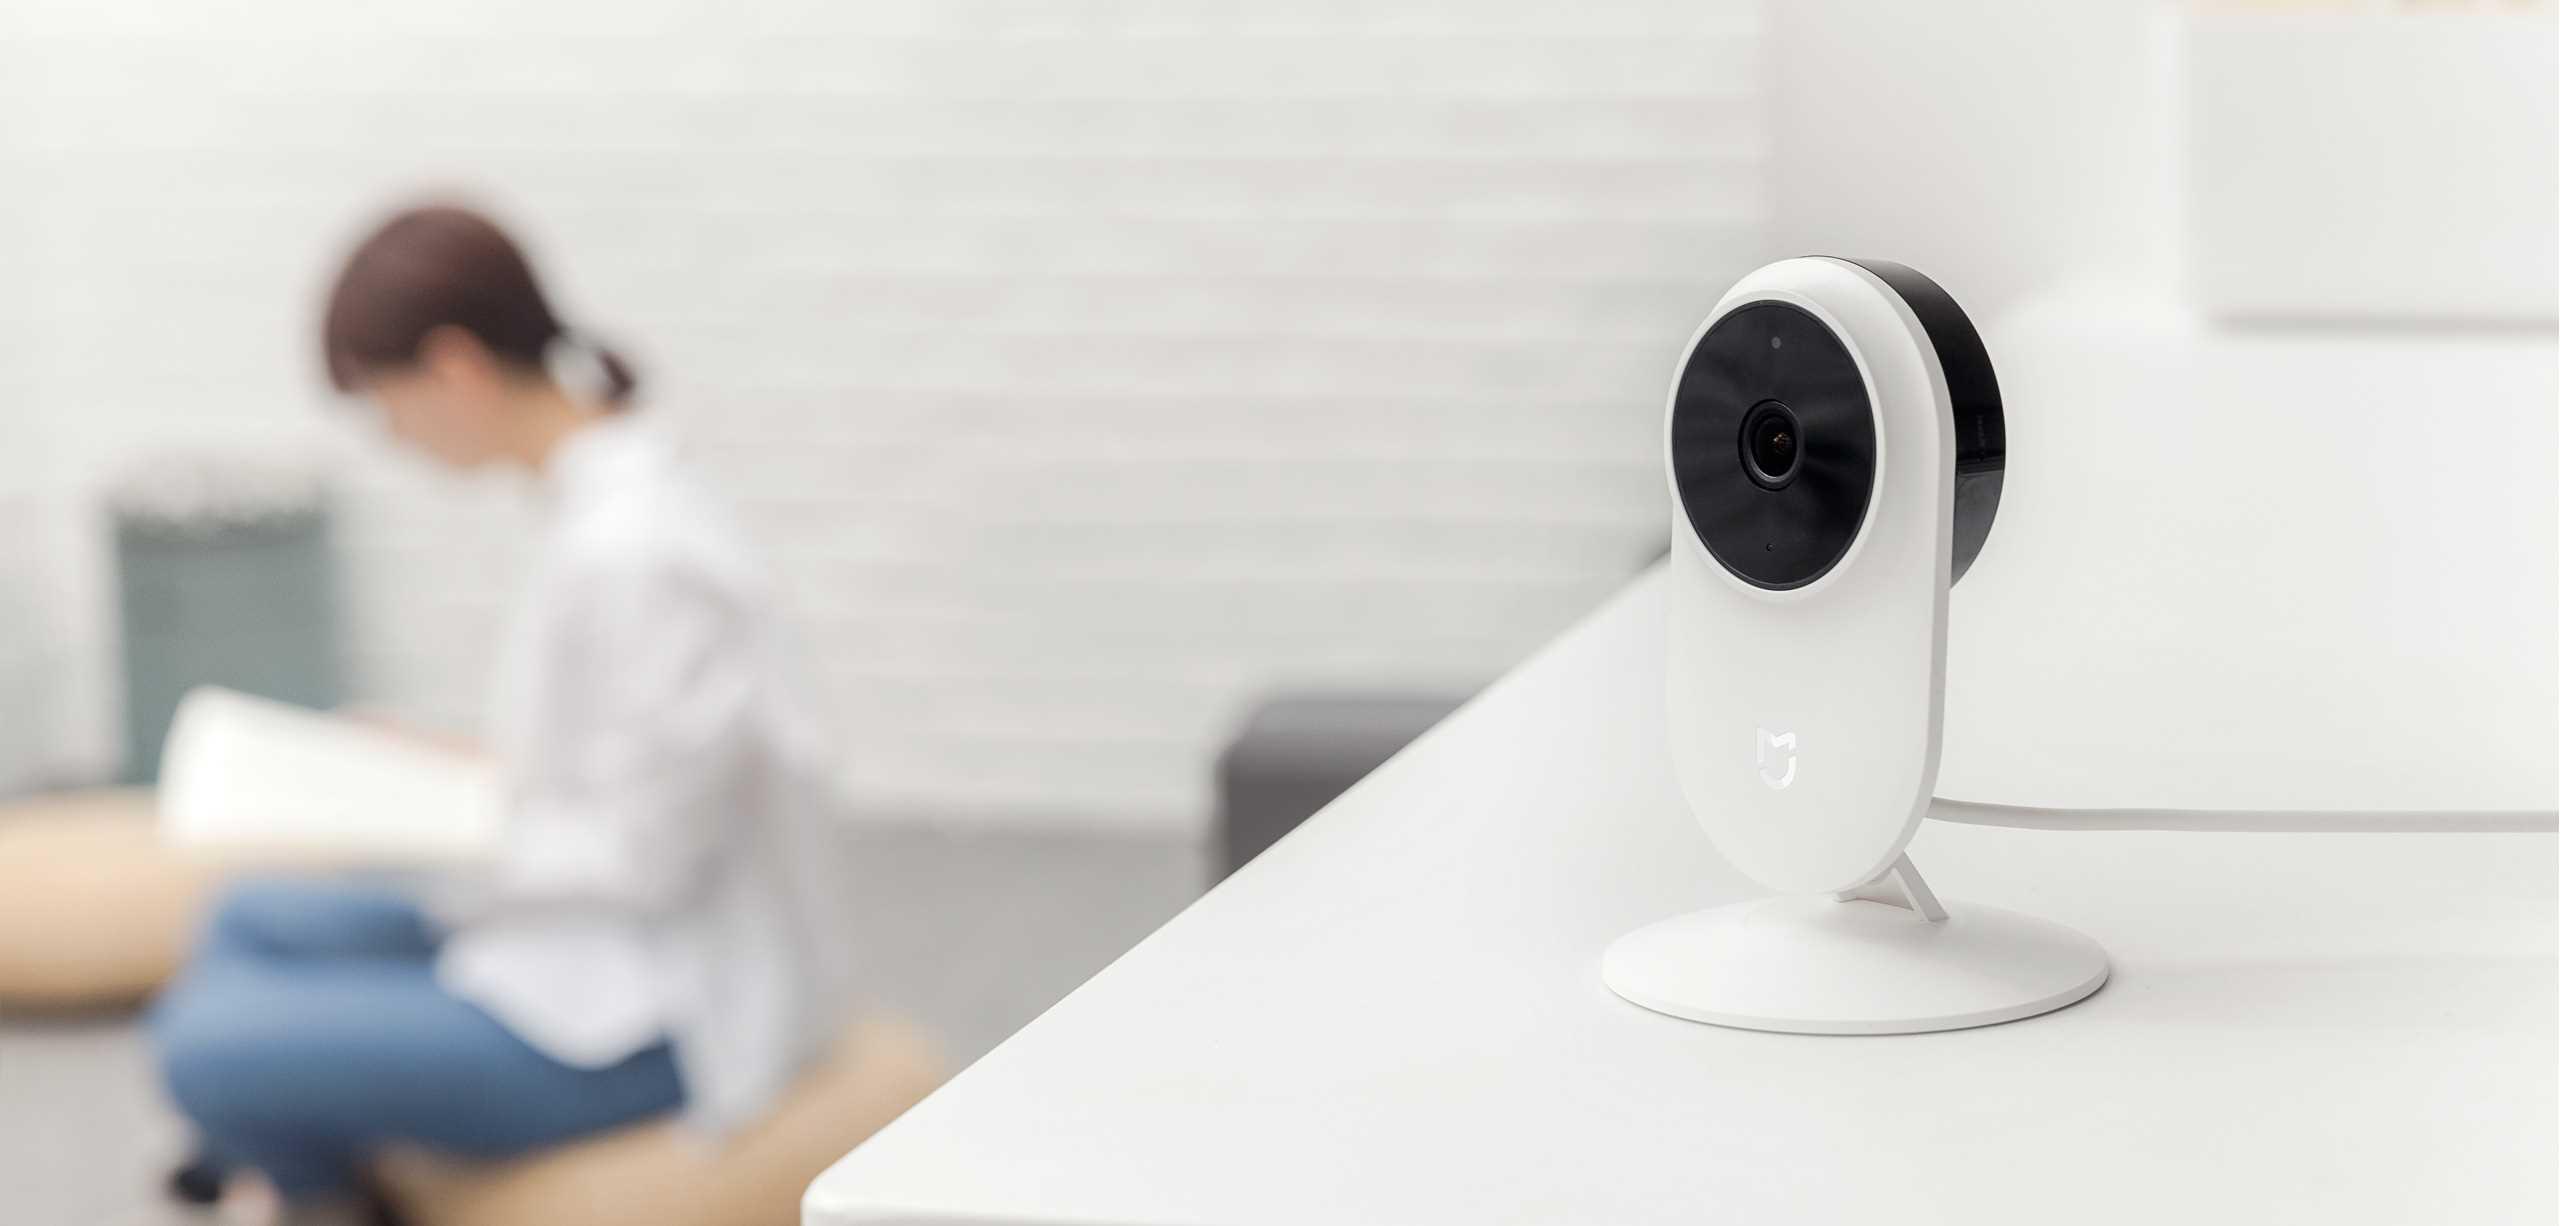 تفاصيل واضحة ، سواء كانت البيئة مشرقة أو داكنة, مستشعر WDR + BSI الديناميكي الواسع النطاق ، وظروف الإضاءة في الغرفة تتغير باستمرار ، على مدار 24 ساعة في اليوم, تؤثر الإضاءة المنخفضة والسطوع العالي والبيئات عالية التعرض على جودة تصوير الكاميرا, تم تجهيز كاميرا Mi Home Security بجهاز استشعار BSI بإضاءة خلفية ومجموعة WDR ديناميكية واسعة ، لتوفر دائمًا صورة عالية الجودة لمنزلك.